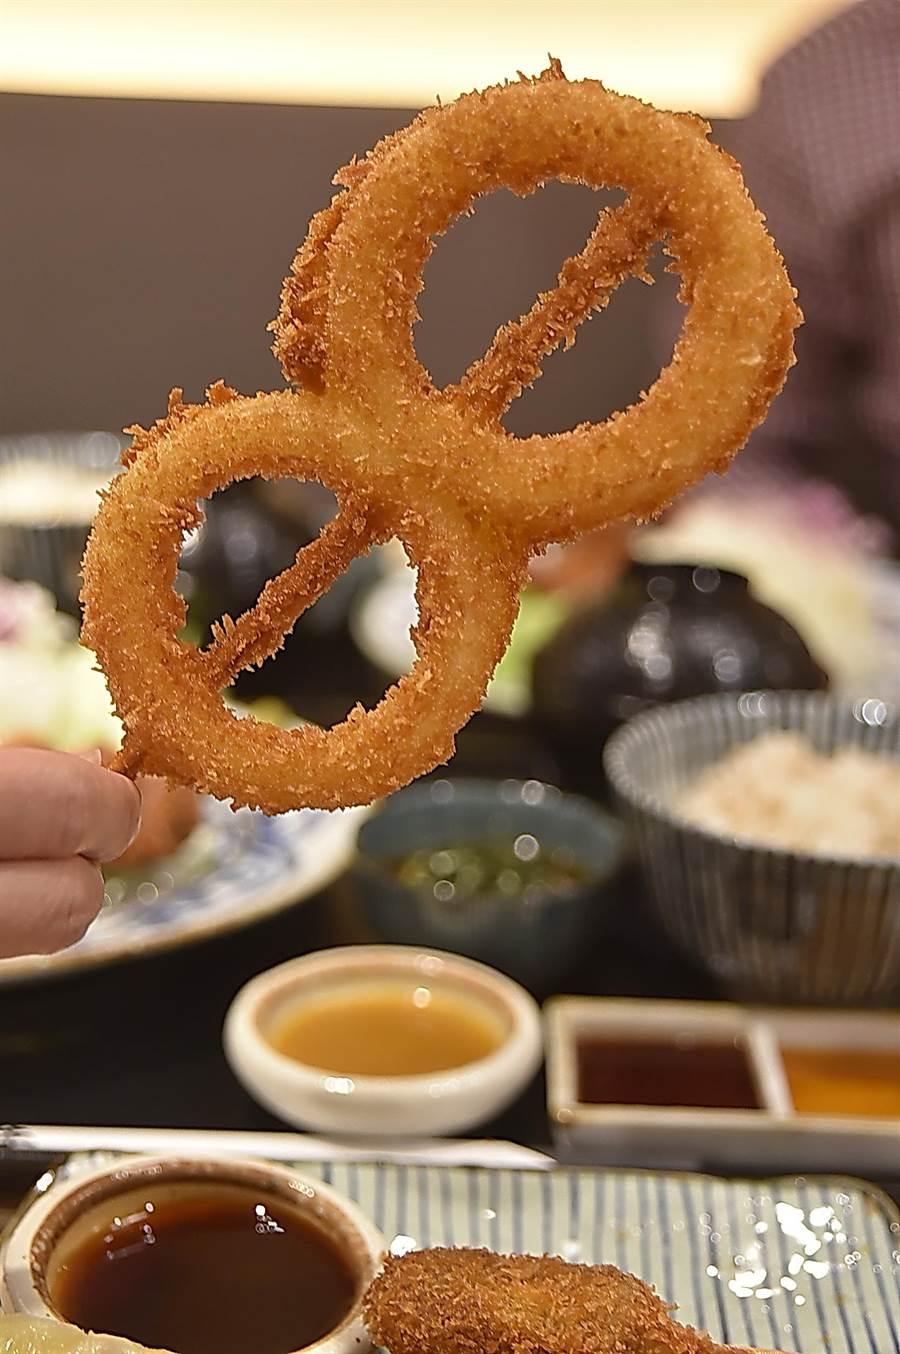 〈京都勝牛〉的炸洋蔥圈很「大版」,厚厚胖胖的吃 來過癮。(圖/姚舜)